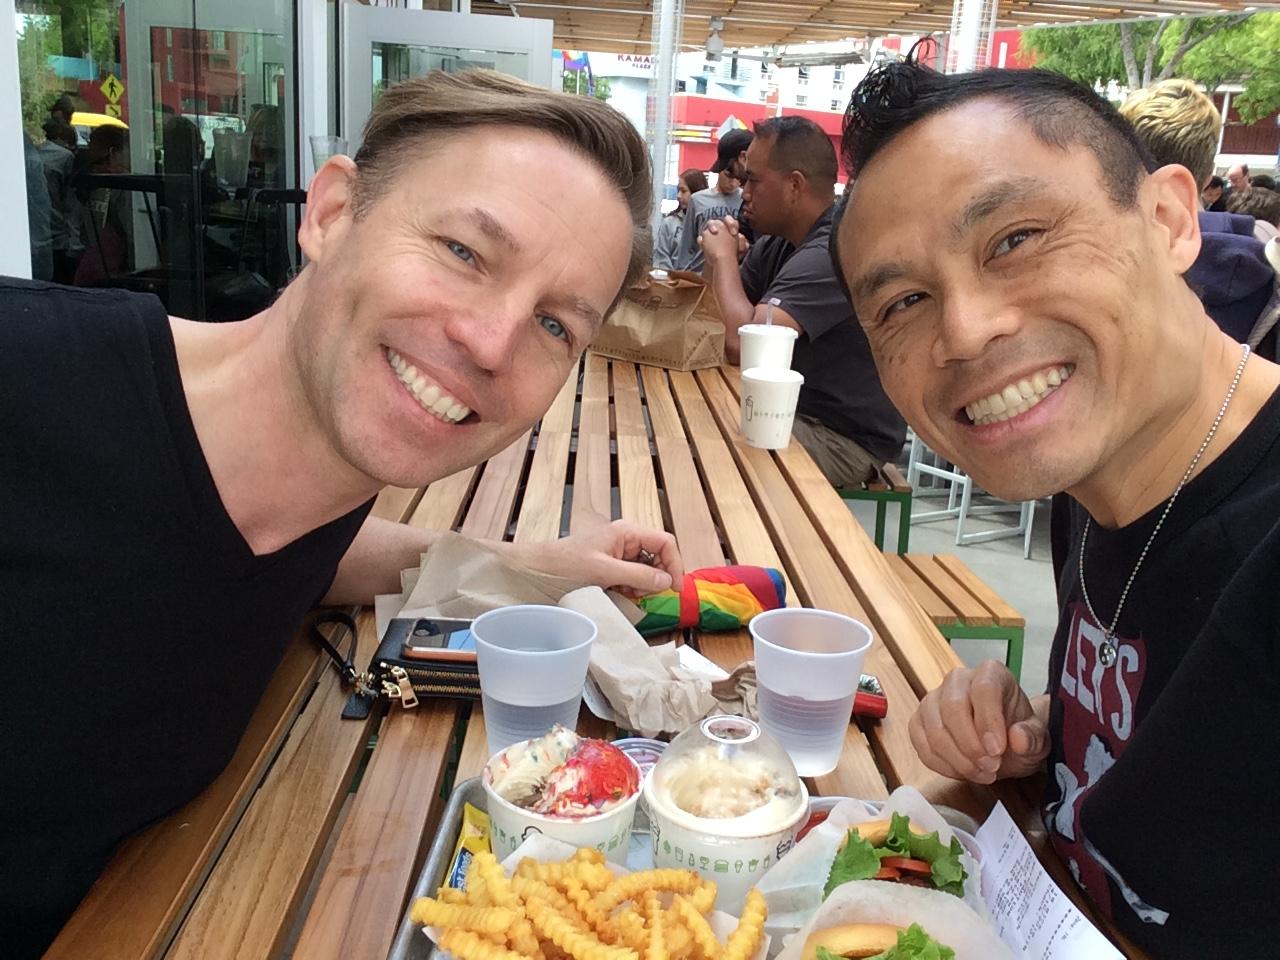 Rik and david at shake shack